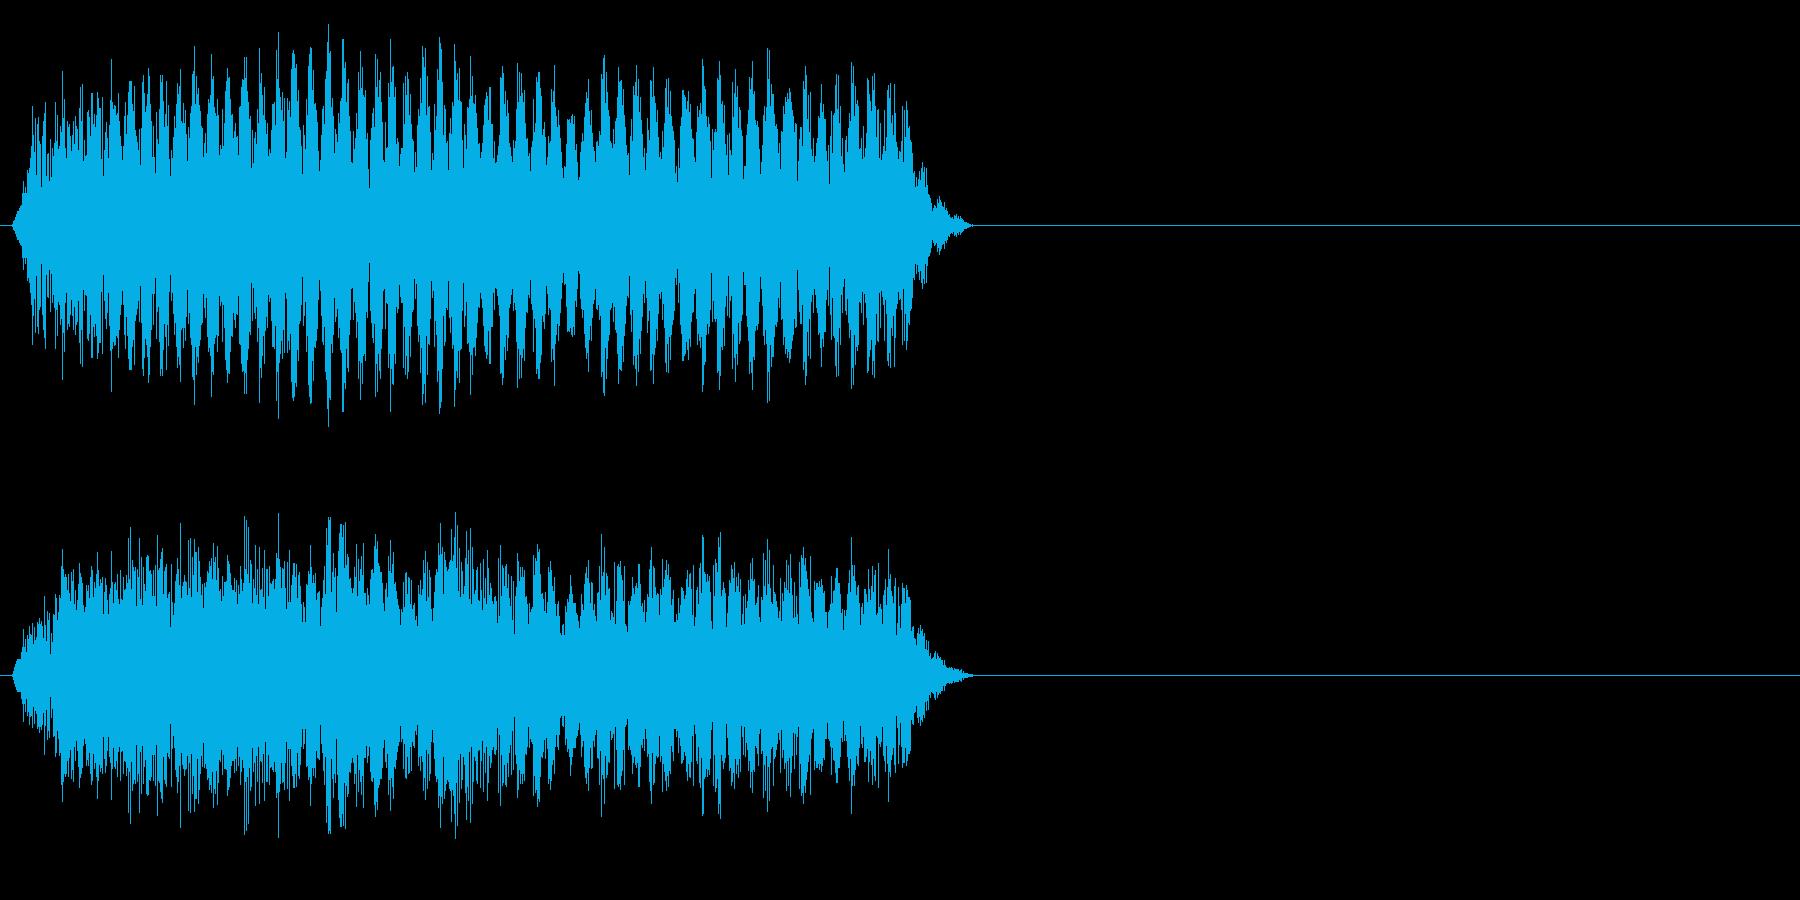 カートゥーン恐怖_少し怖い_ふわーの再生済みの波形